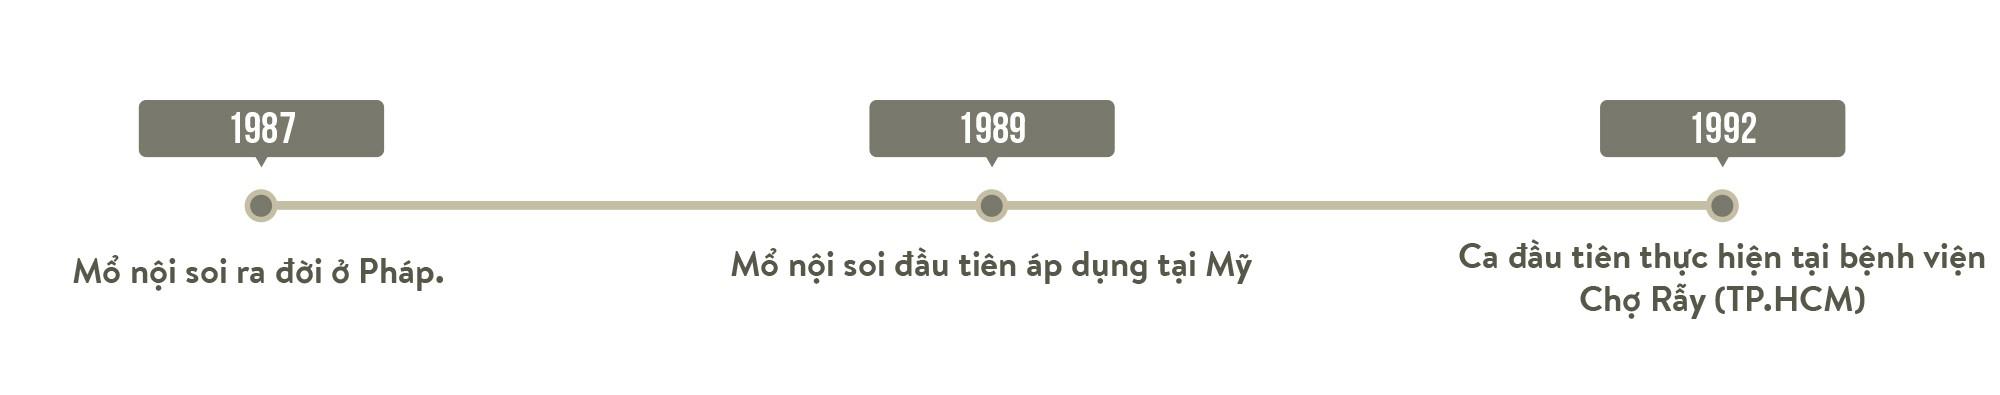 Mổ nội soi - hành trình Việt Nam vươn lên hàng đầu khu vực - Ảnh 11.